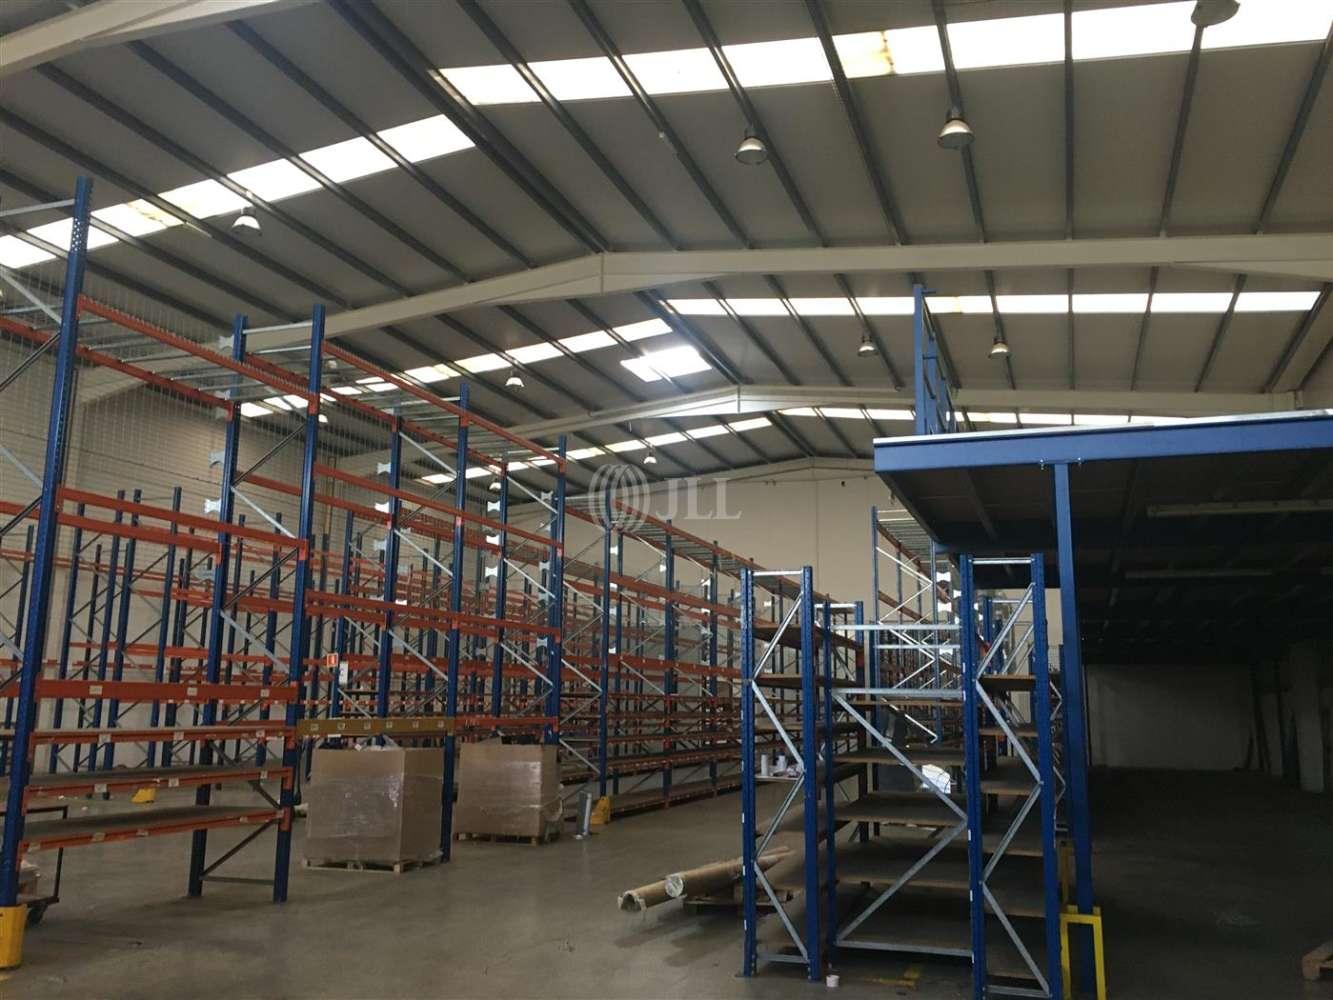 Naves industriales y logísticas Sallent, 08650 - Nave Logistica - B0532 - PI PLANS DE LA SALA